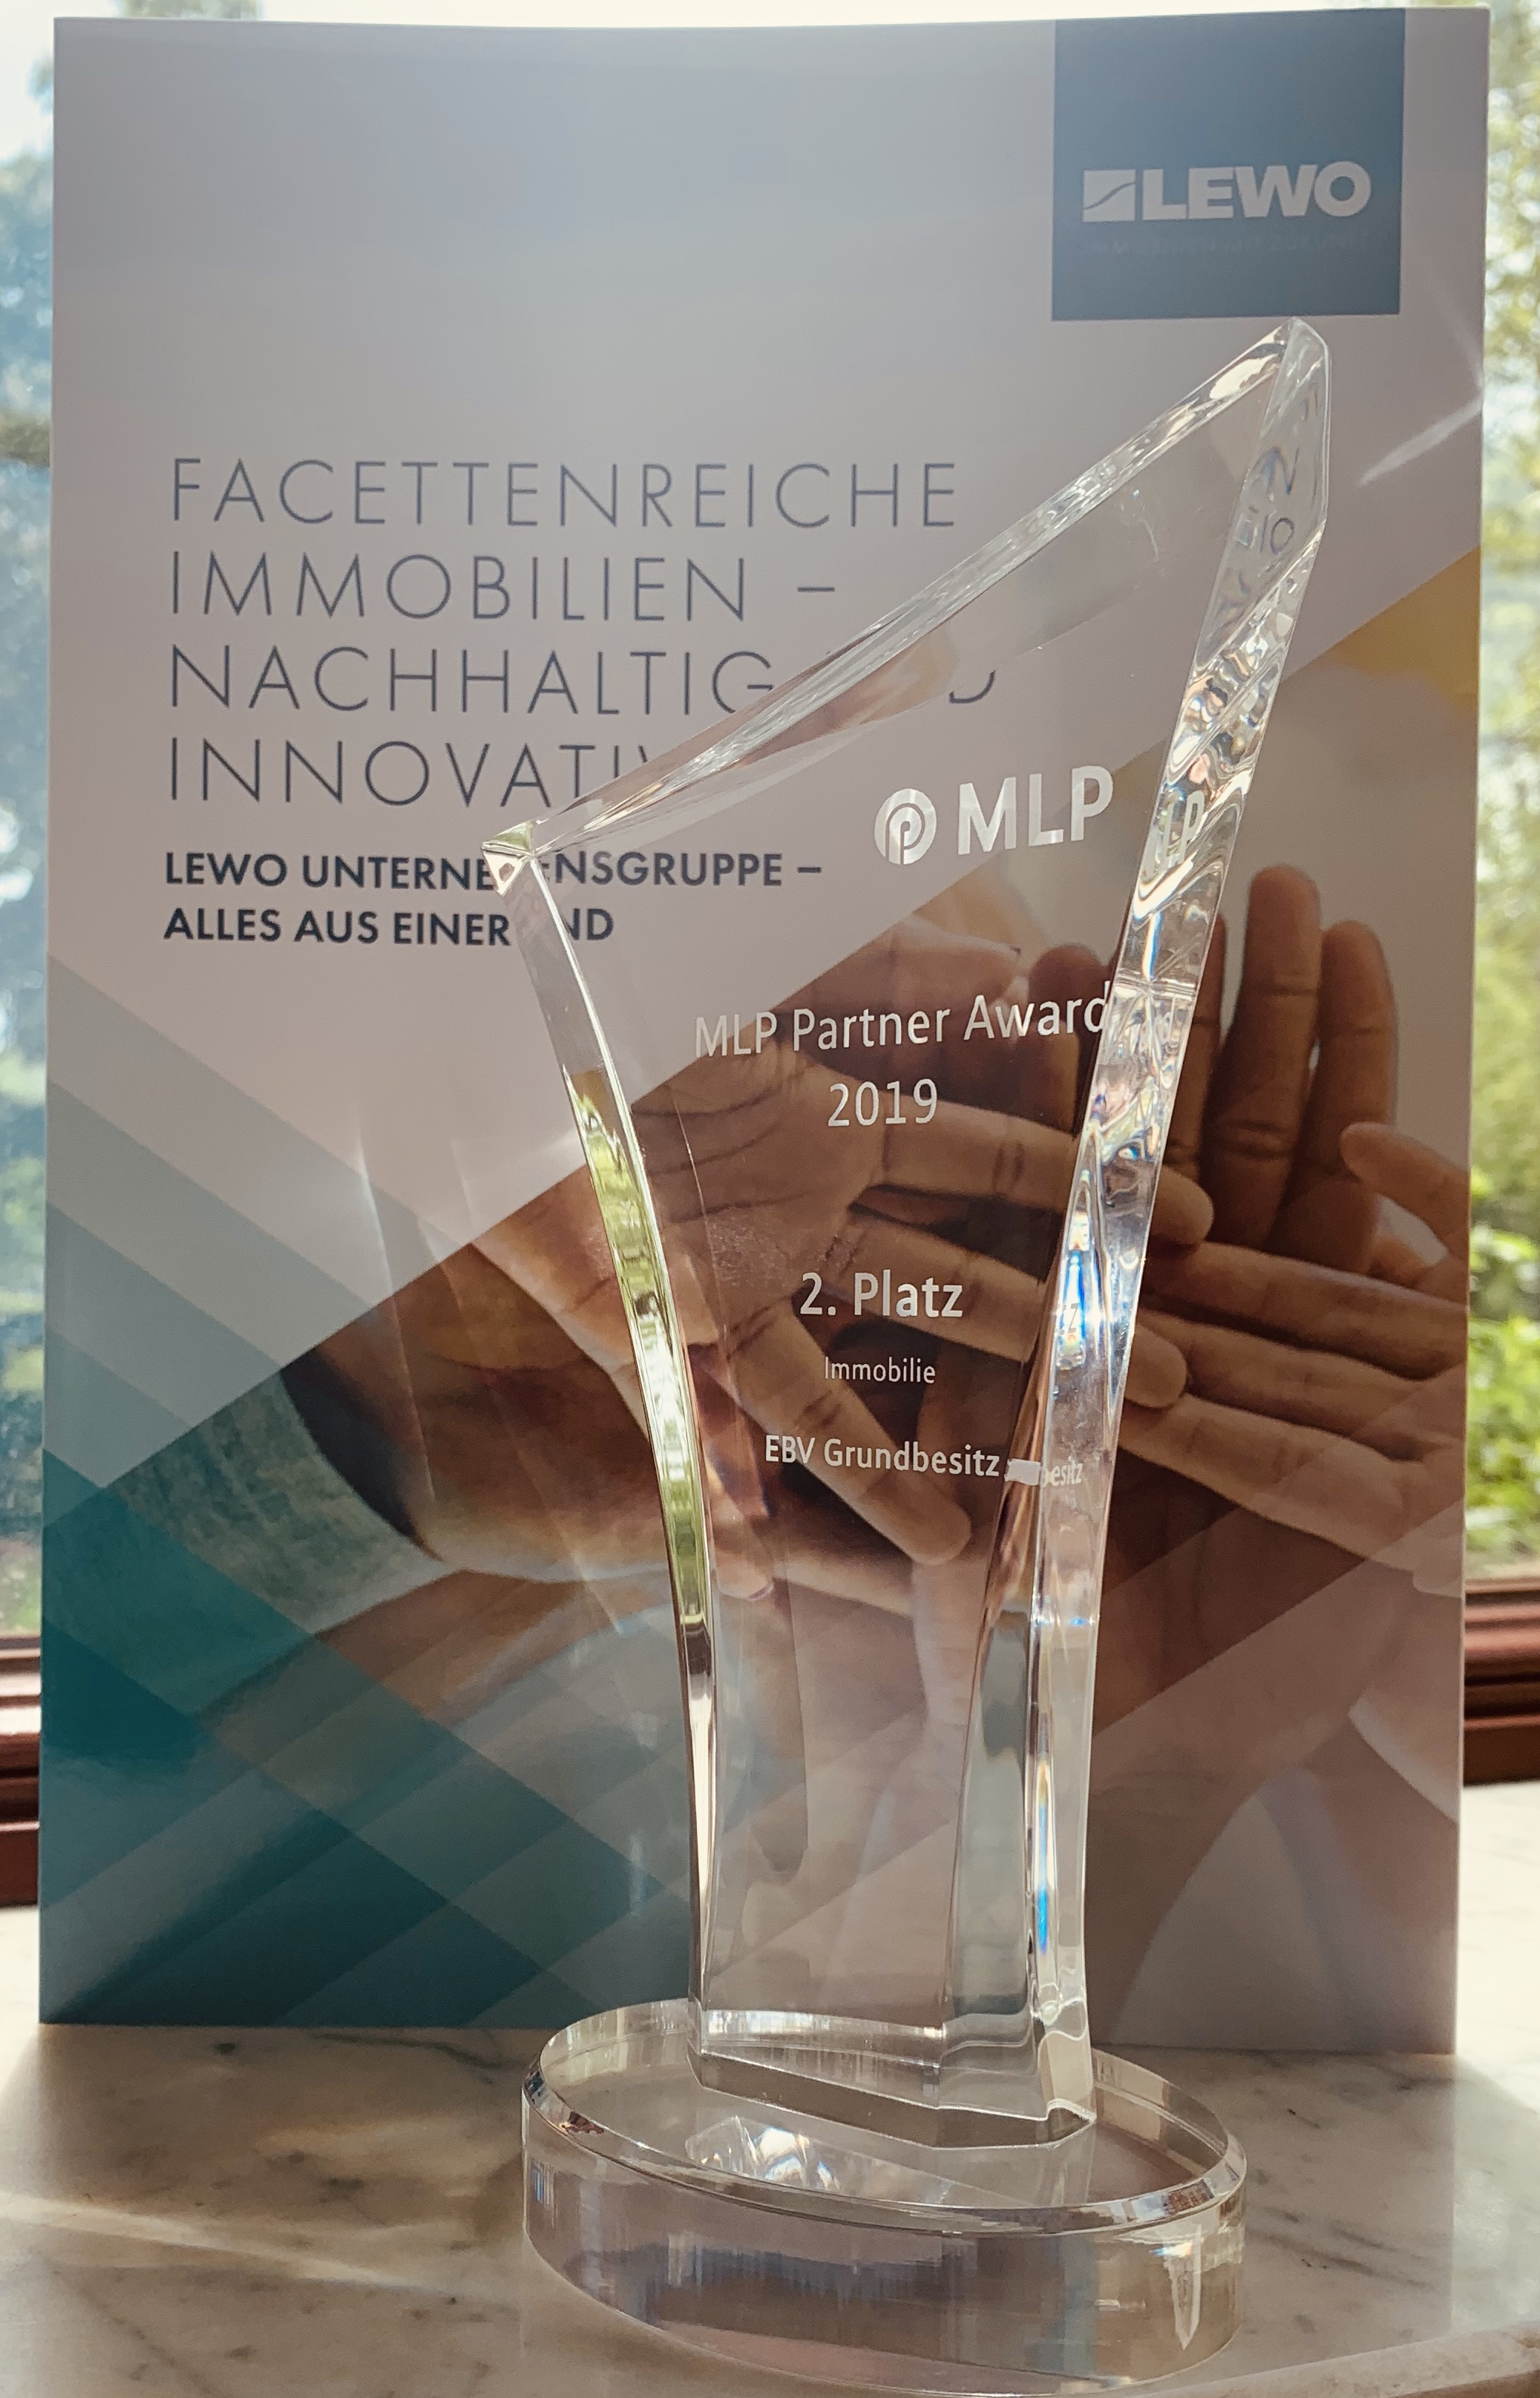 MLP-Award in silber für EBV Grundbesitz GmbH